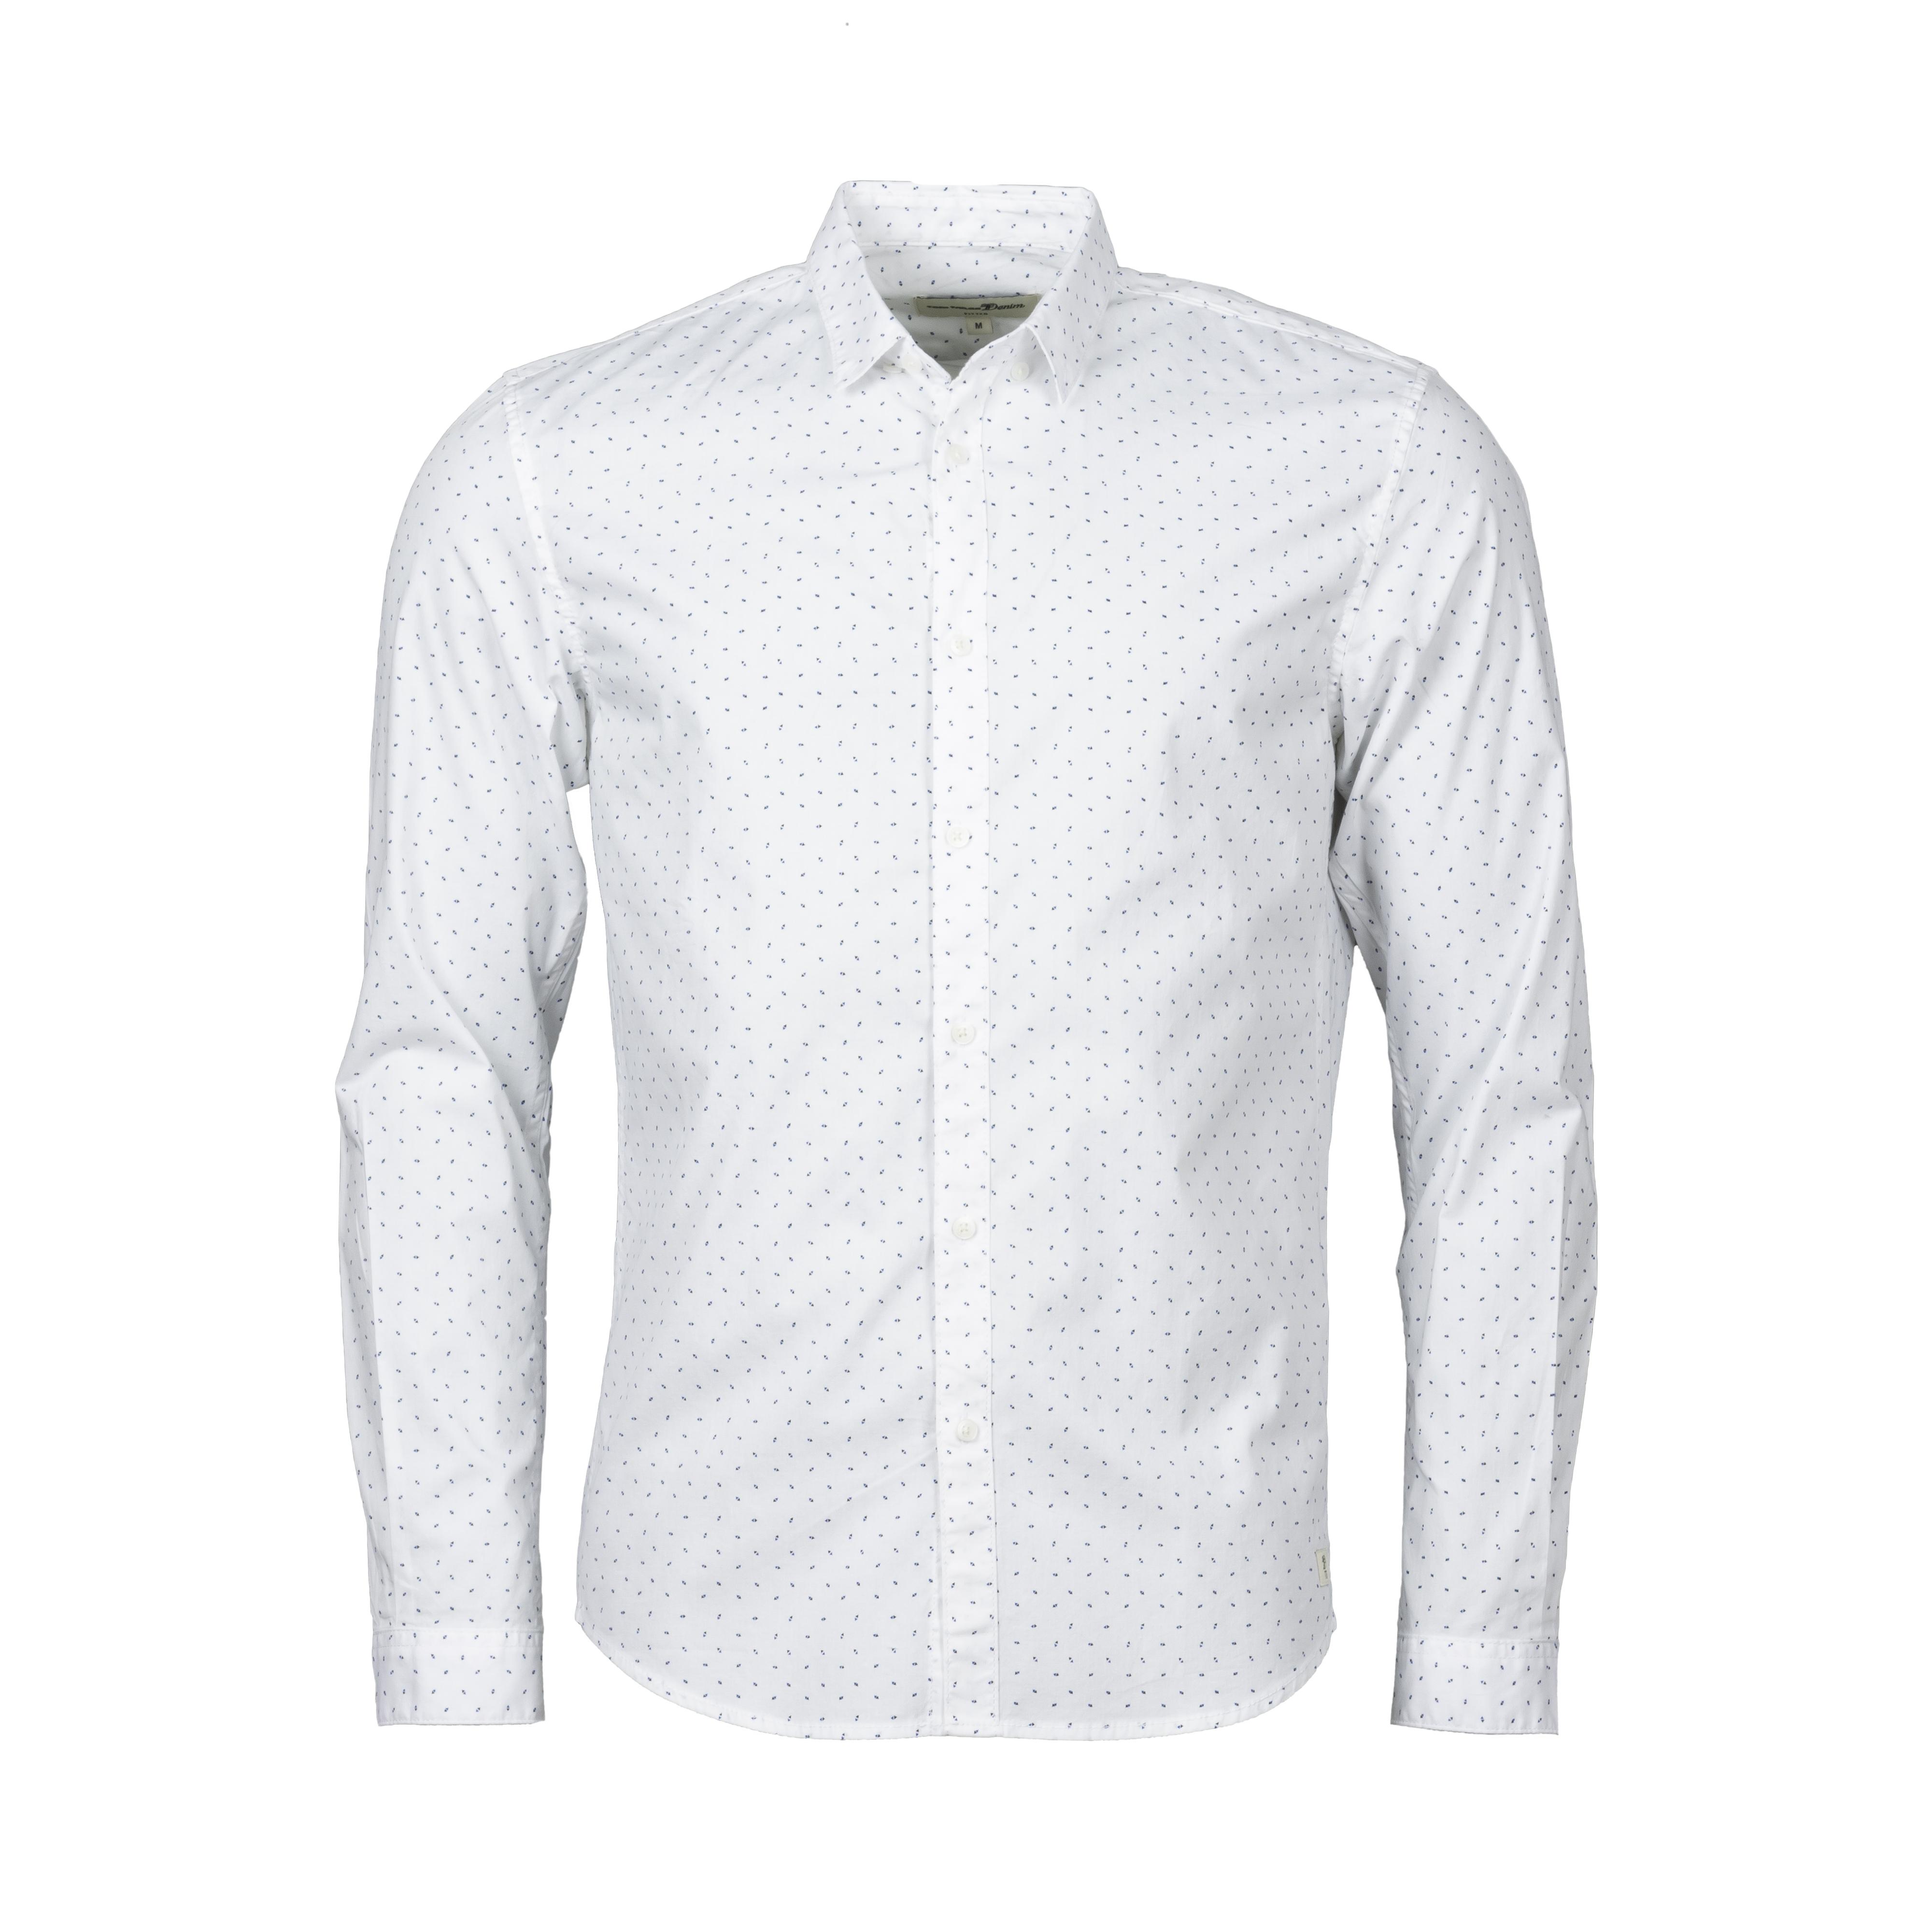 Chemise ajustée  en coton stretch blanc à micro motifs bleu marine